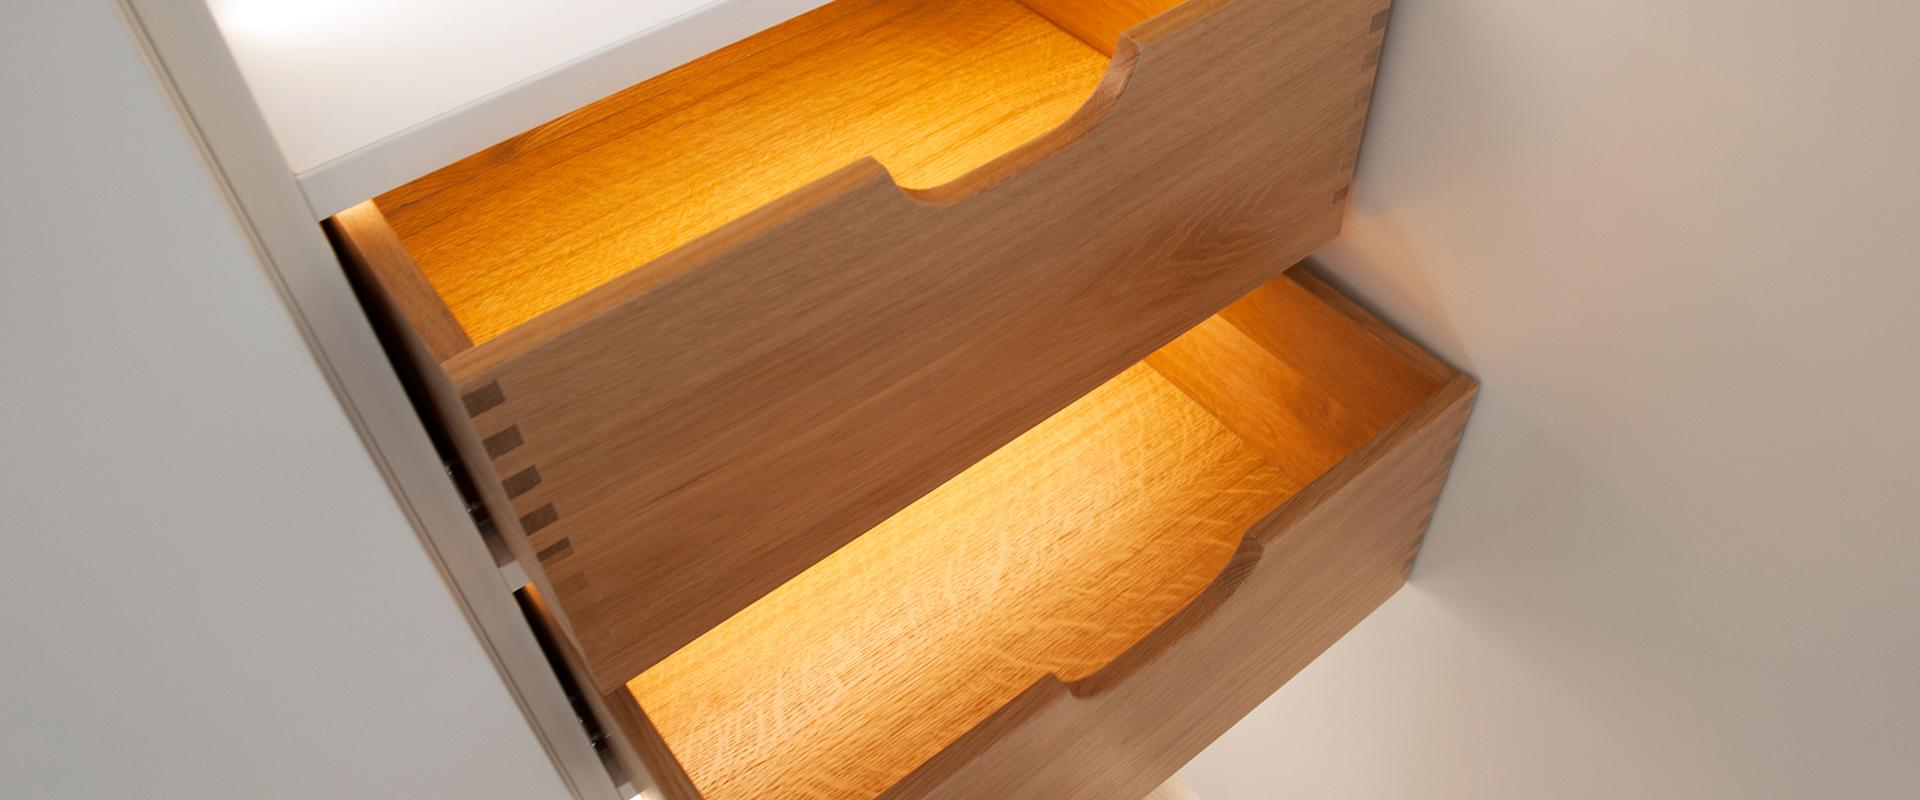 Schränke - Möbel- und Ladenbau - Koepke und Kasiske